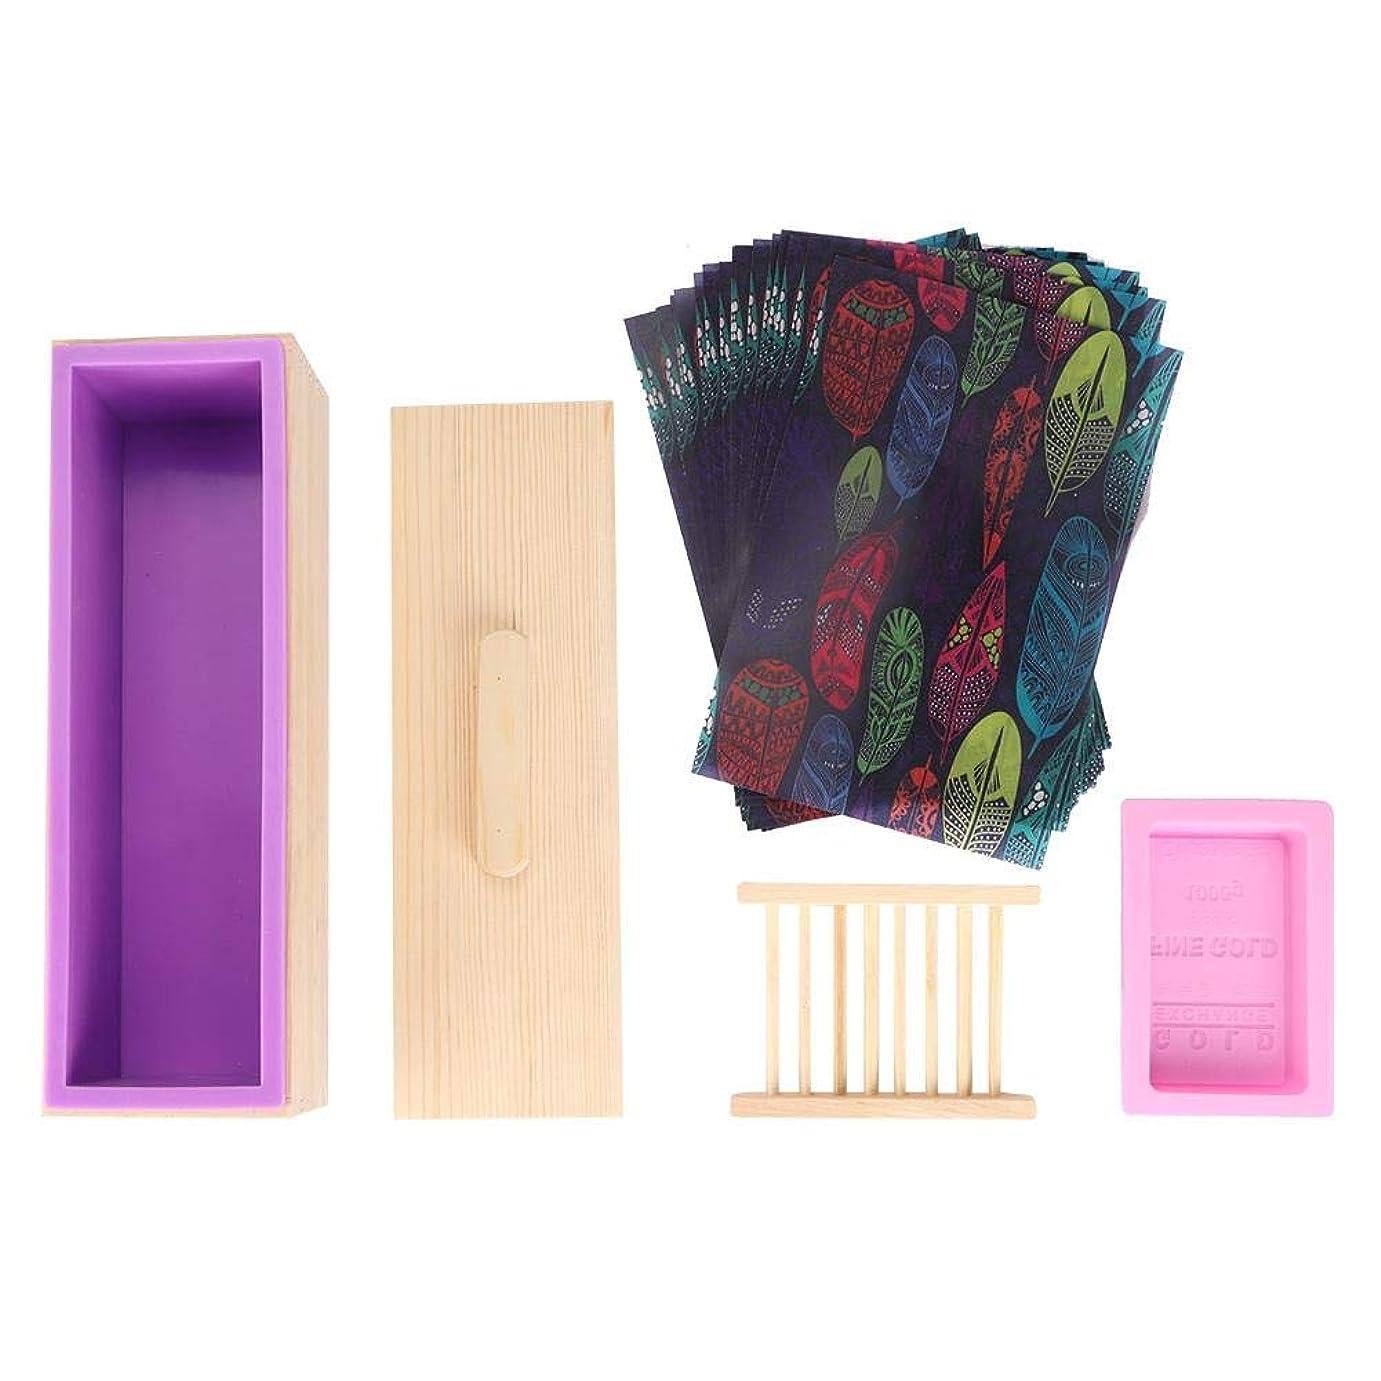 罰呼吸ねばねばSalinr ソープカッター 石けん金型ソープロープ カッター 紫色のシリコントースト木箱 石鹸カッターモールド石鹸ロープモールド カッター ソープカッターボックス家庭用ツール ツールDIY 手作り